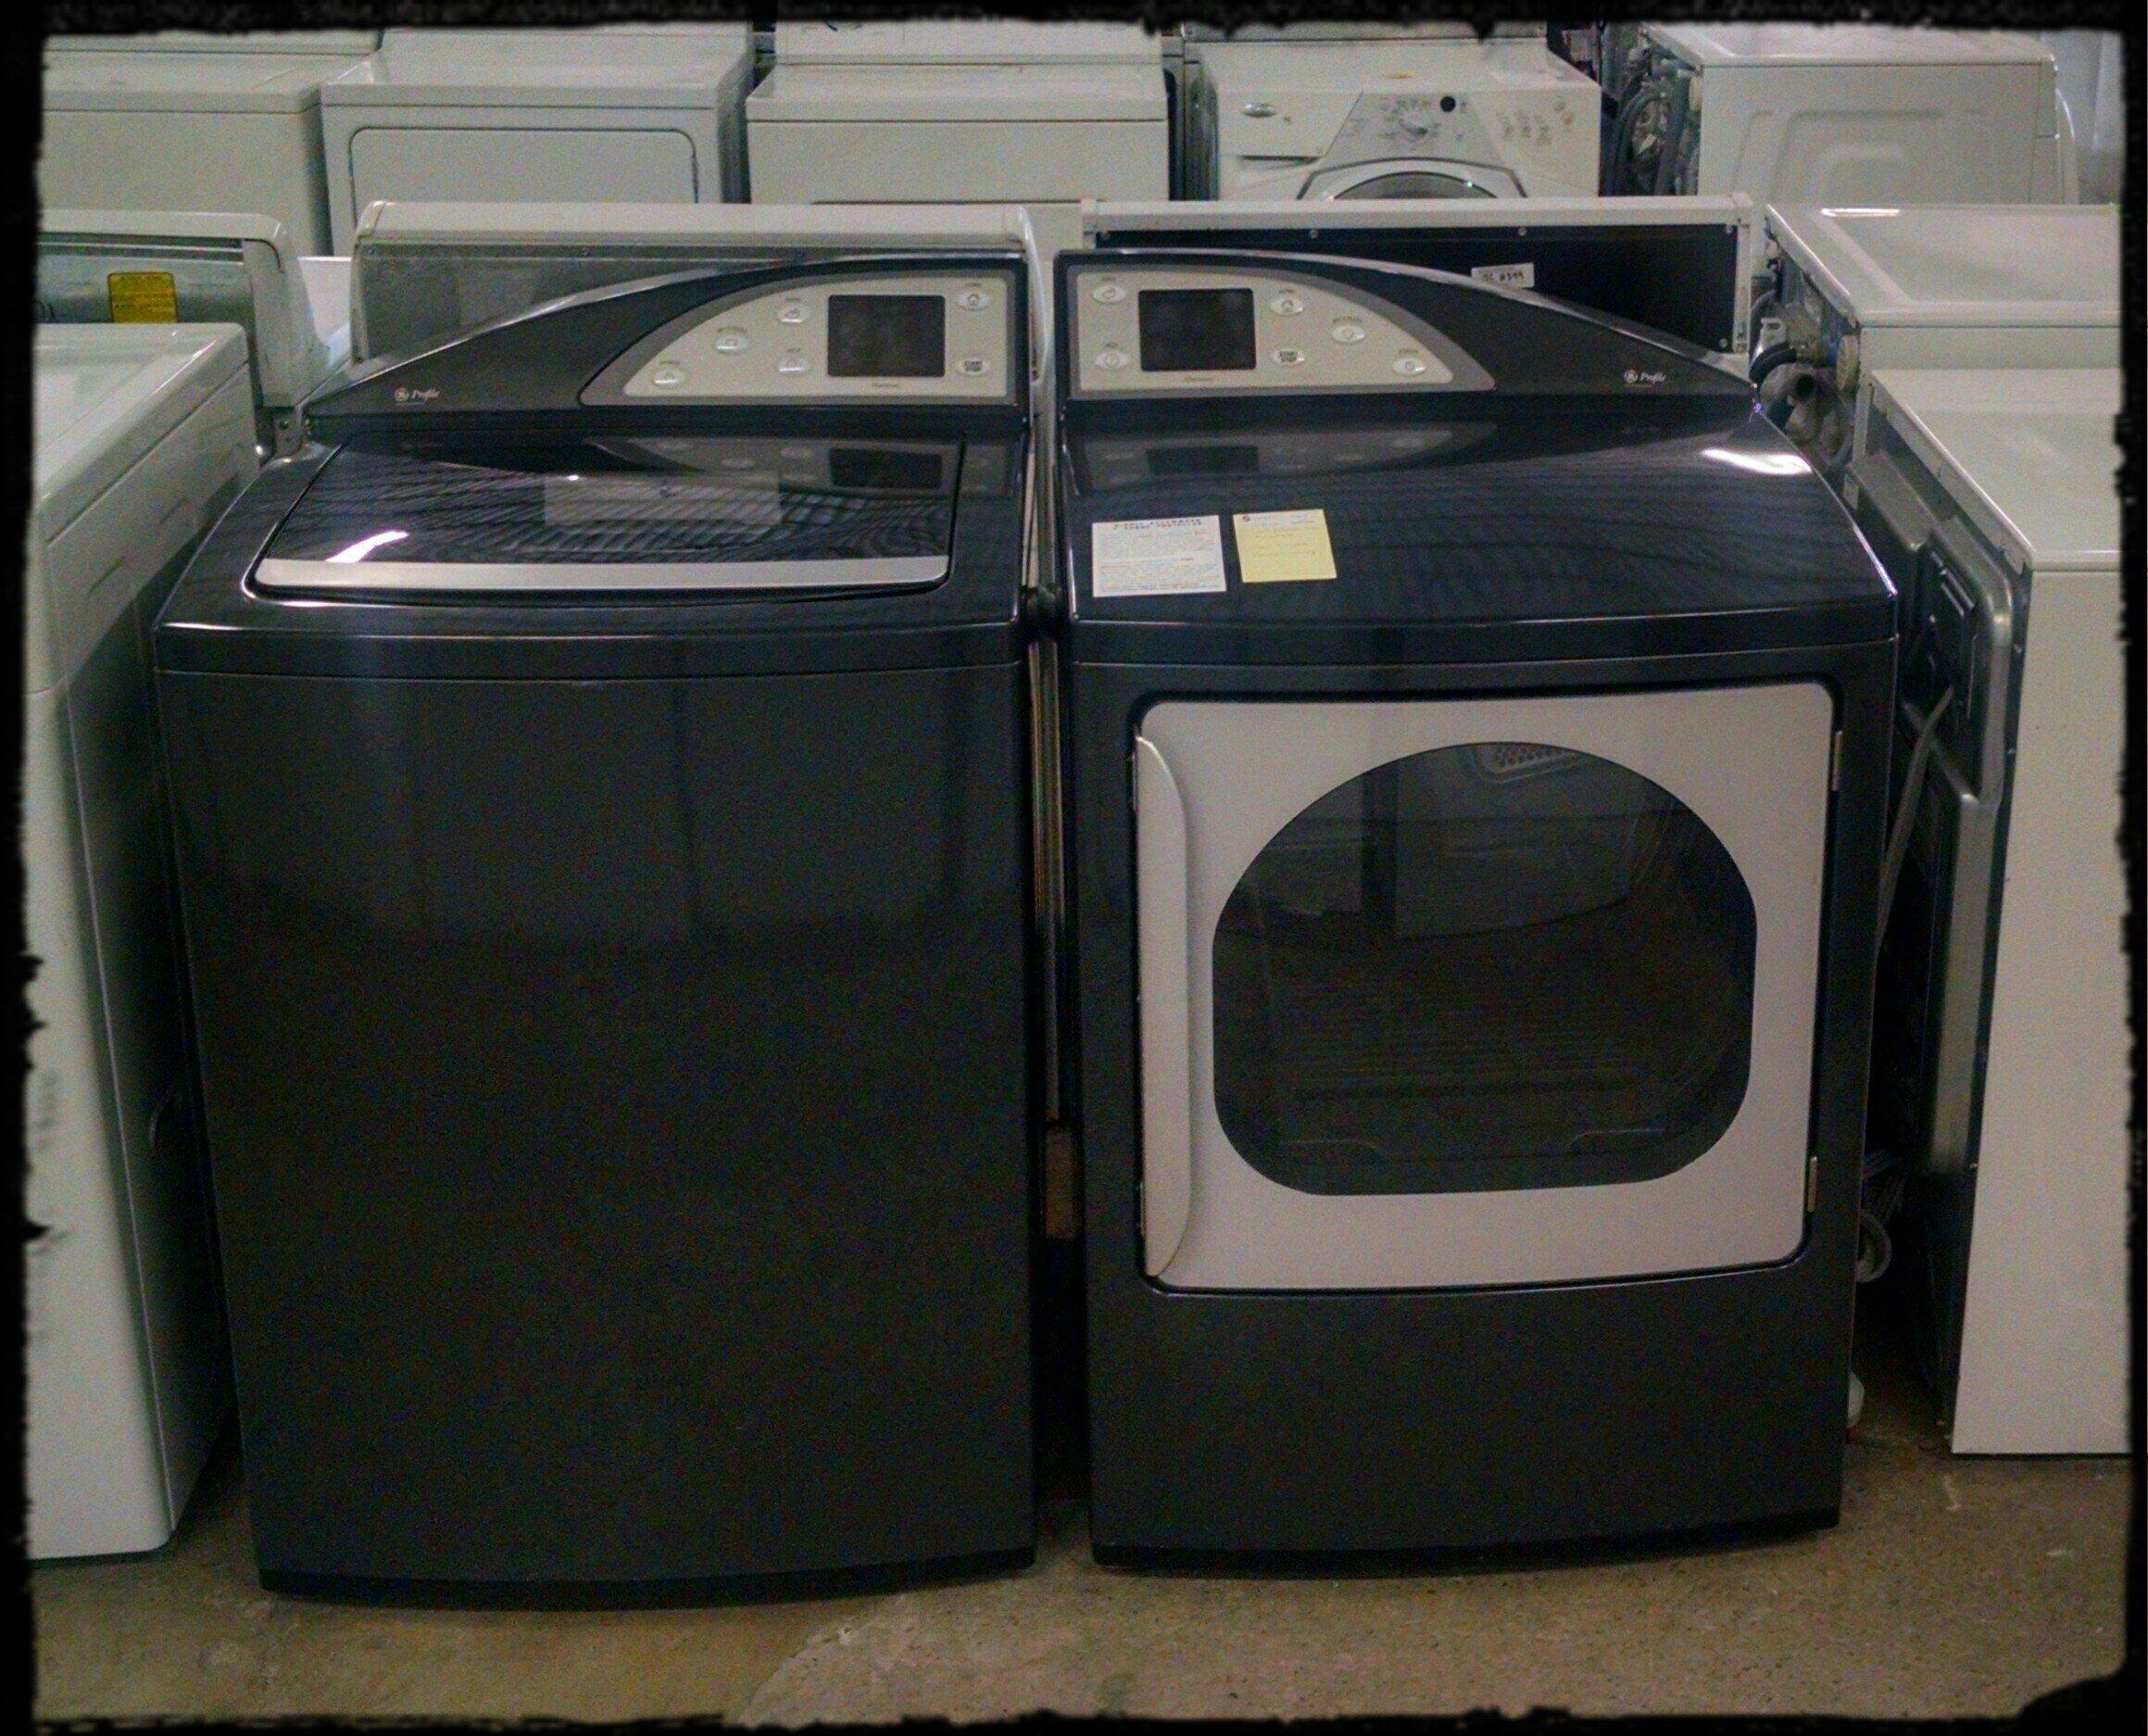 GE Topload washer dryer set